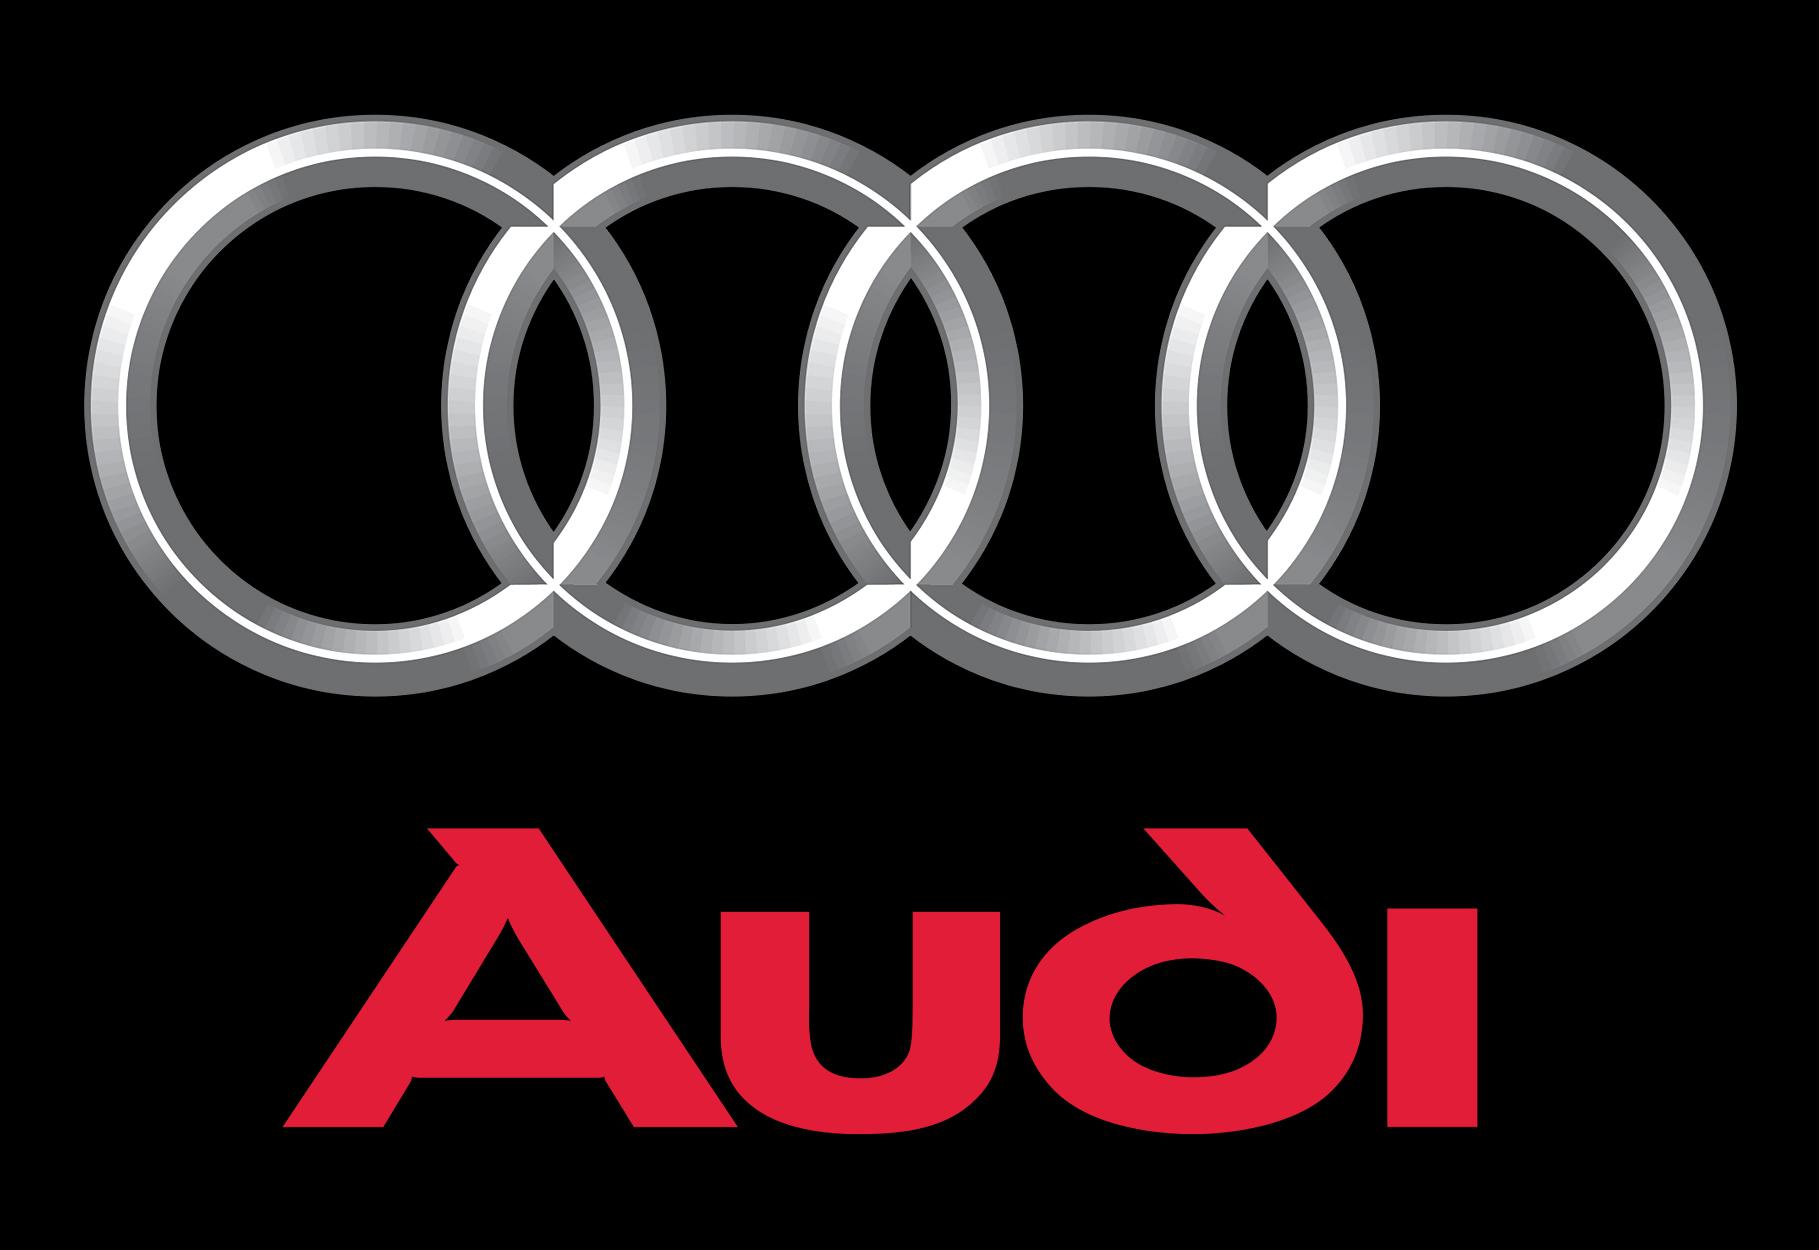 Audi Logo Histoire Et Signification, Evolution, Symbole Audi